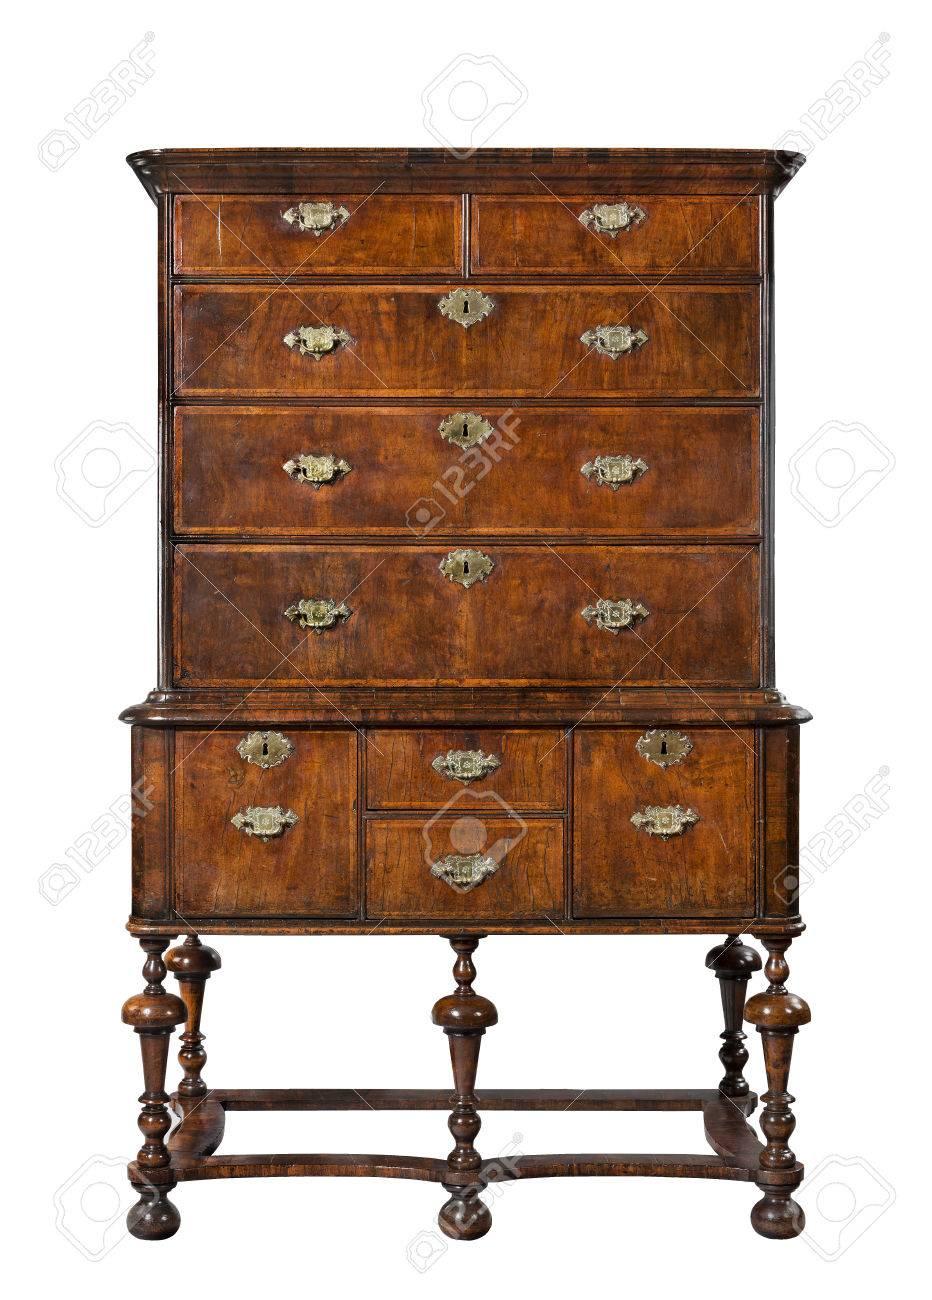 https fr 123rf com photo 45553487 vieille commode en bois antique ou une commode sur le stand anglais europ c3 a9enne html